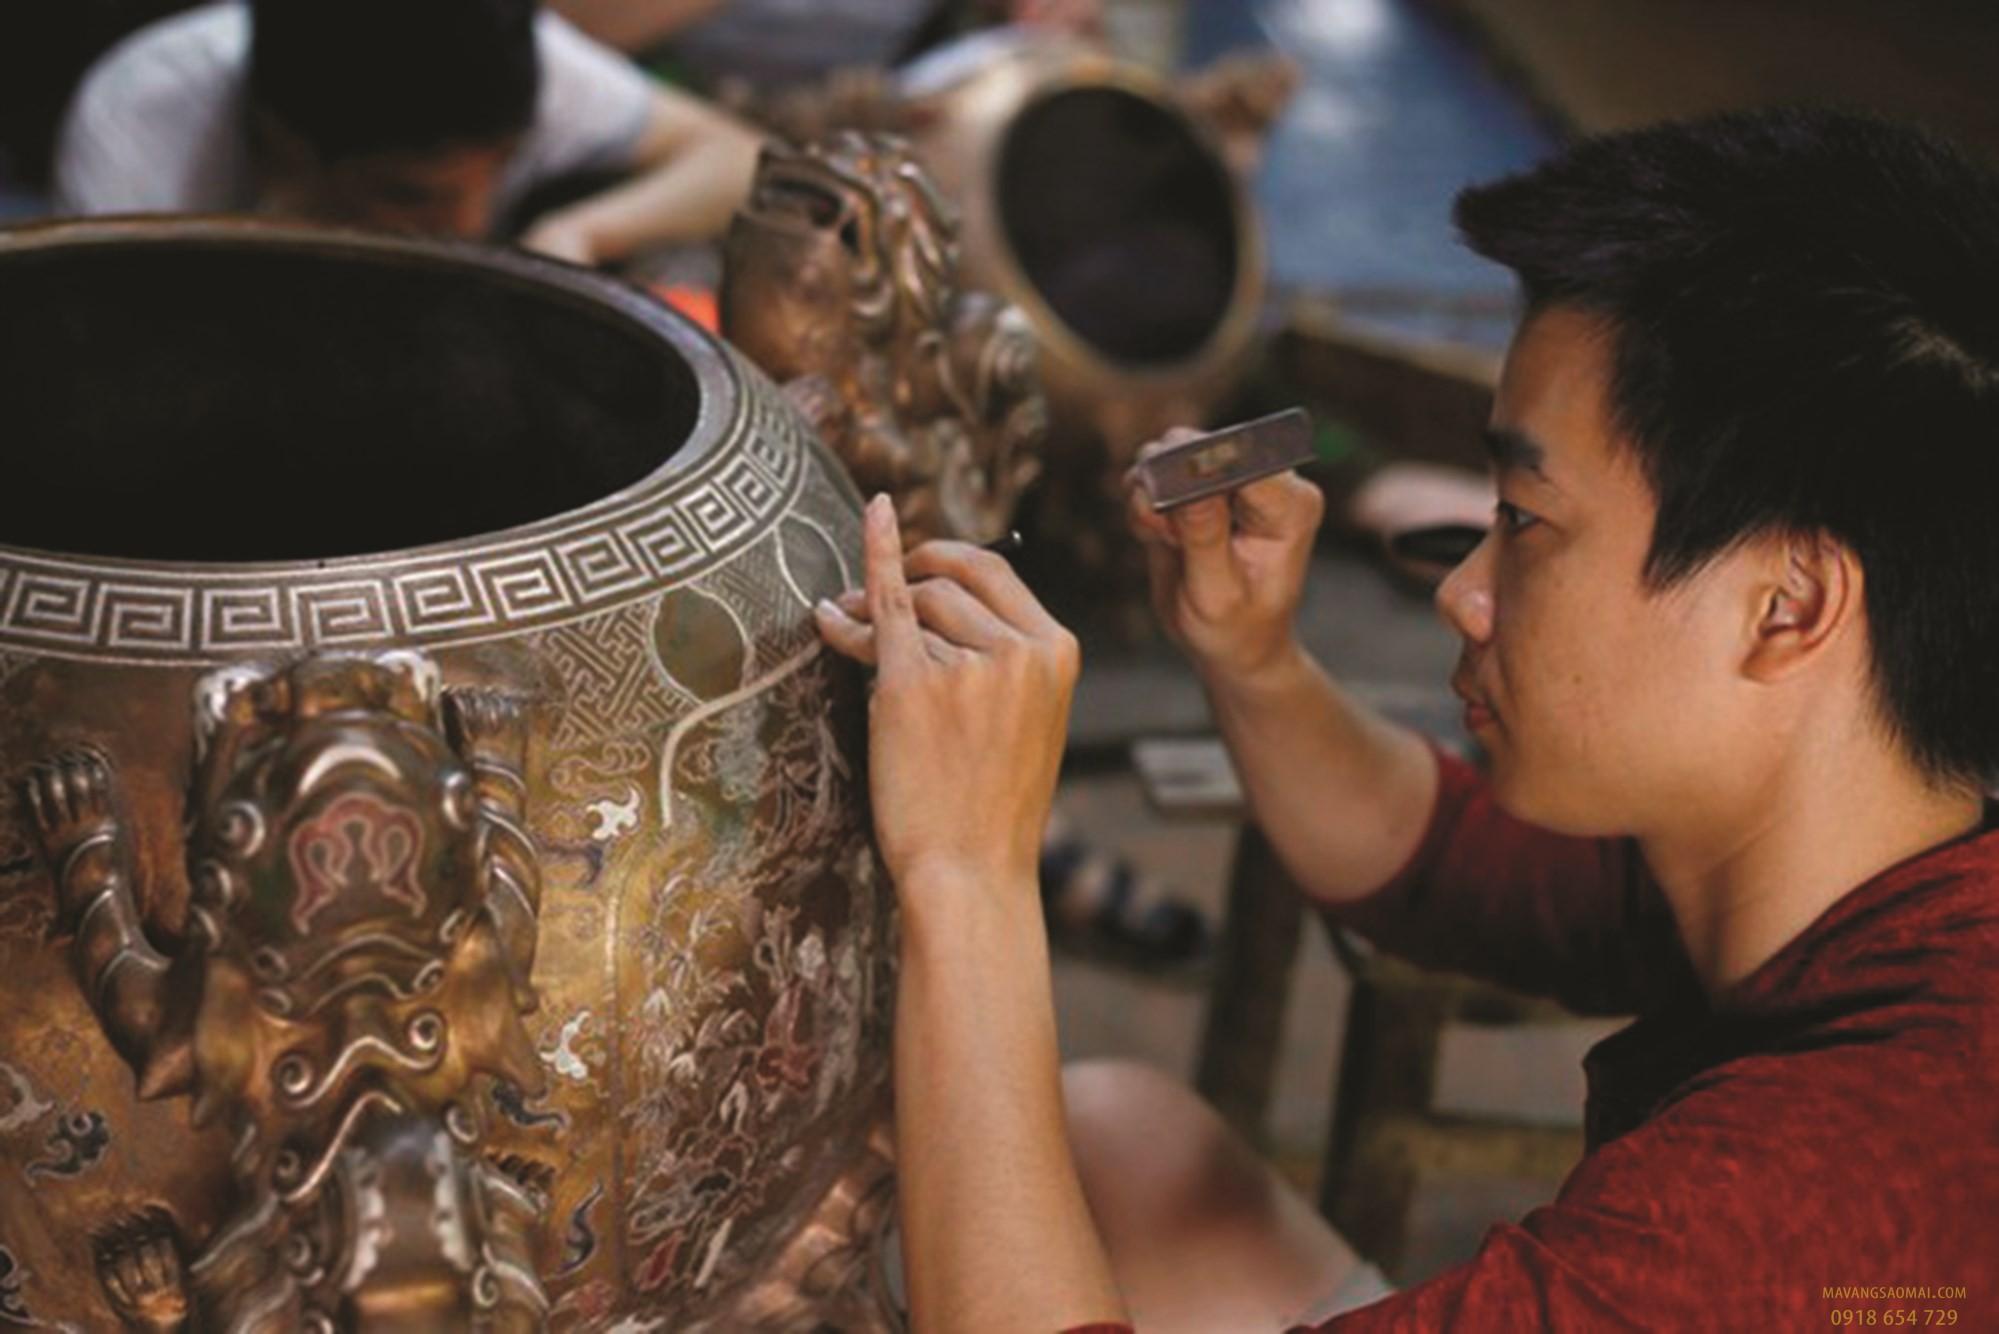 Khám phá những làng nghề đúc đồng nổi tiếng ở Việt Nam